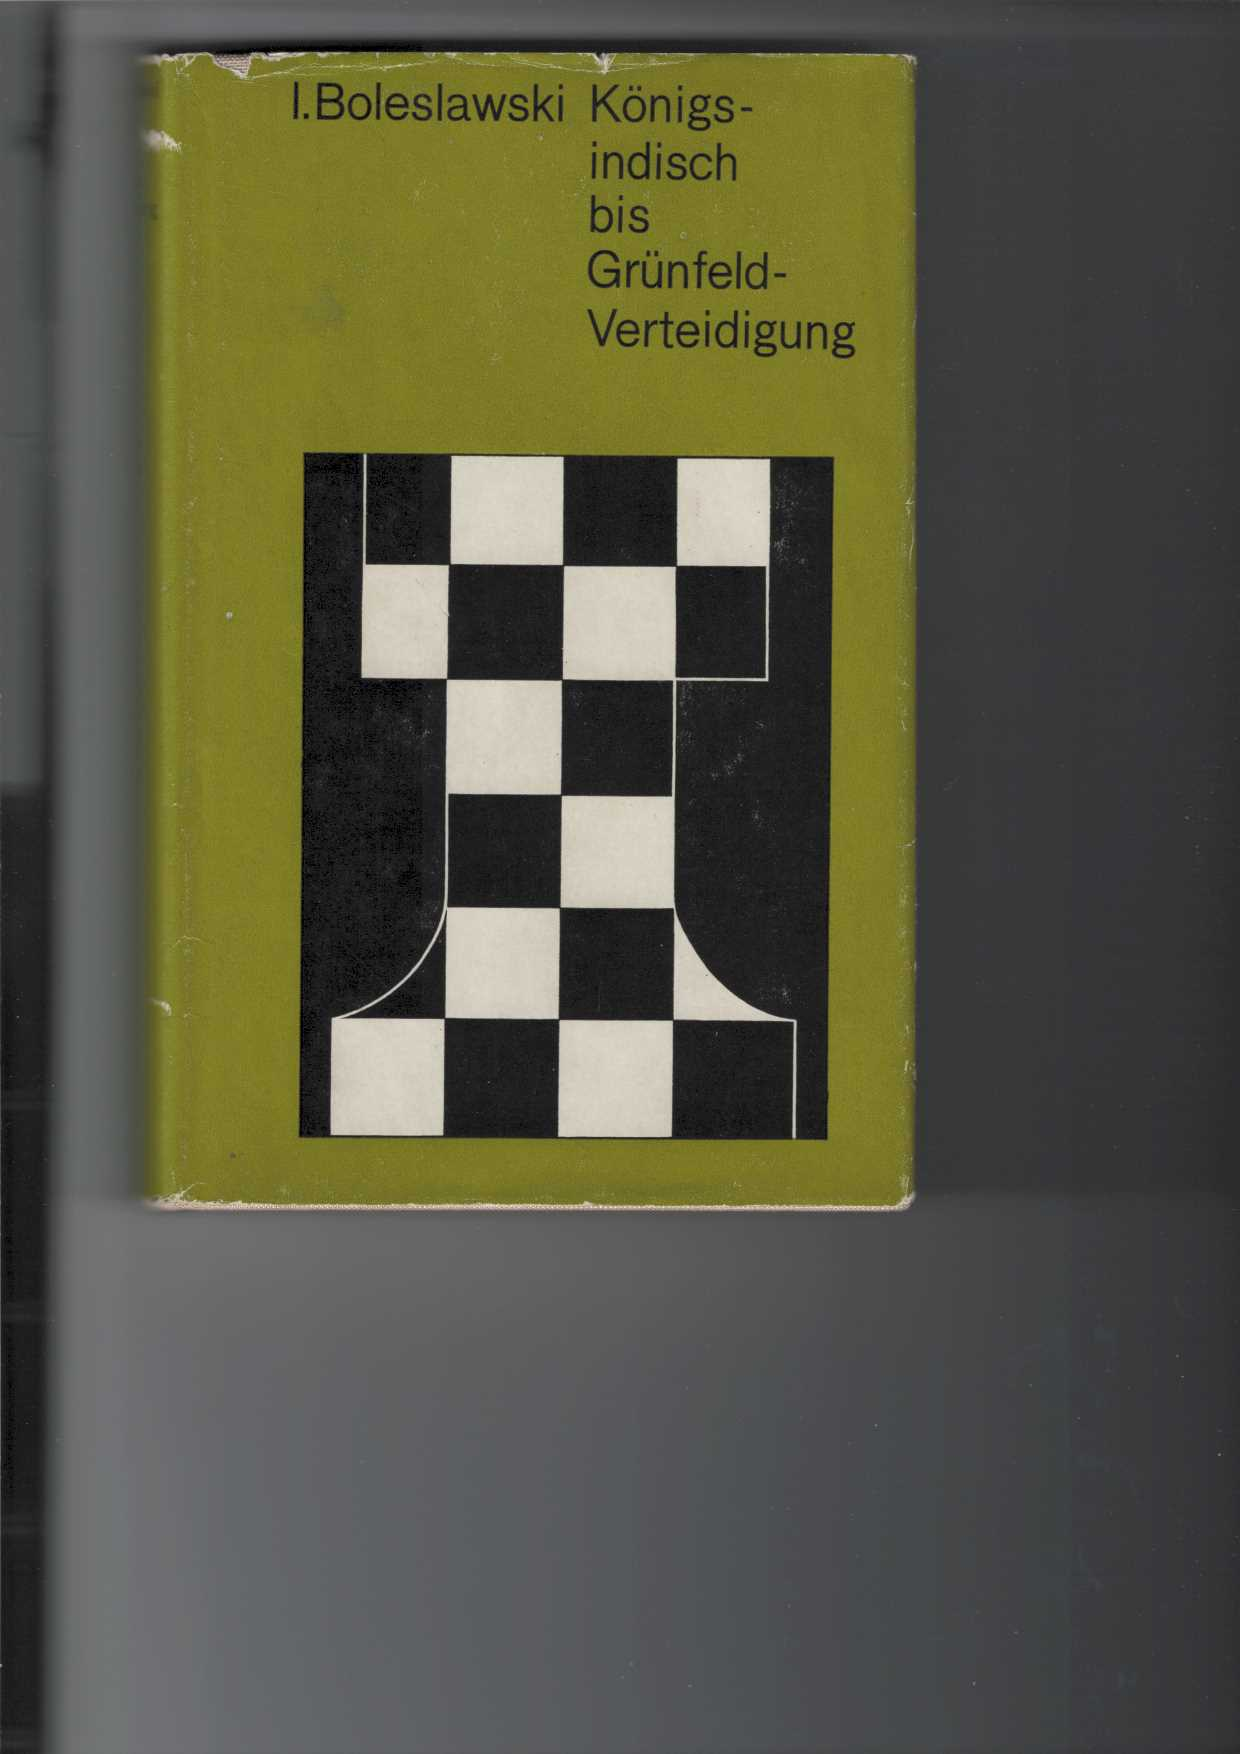 Königs-indisch bis Grünfeld-Verteidigung. Königsindische Verteidigung, Pirc-Ufimzew-Verteidigung, Benoni-Verteidigung, Moderne Benoni-Verteidigung, Grünfeld-Indische Verteidigung, 2. überarbeitete Aufl.,